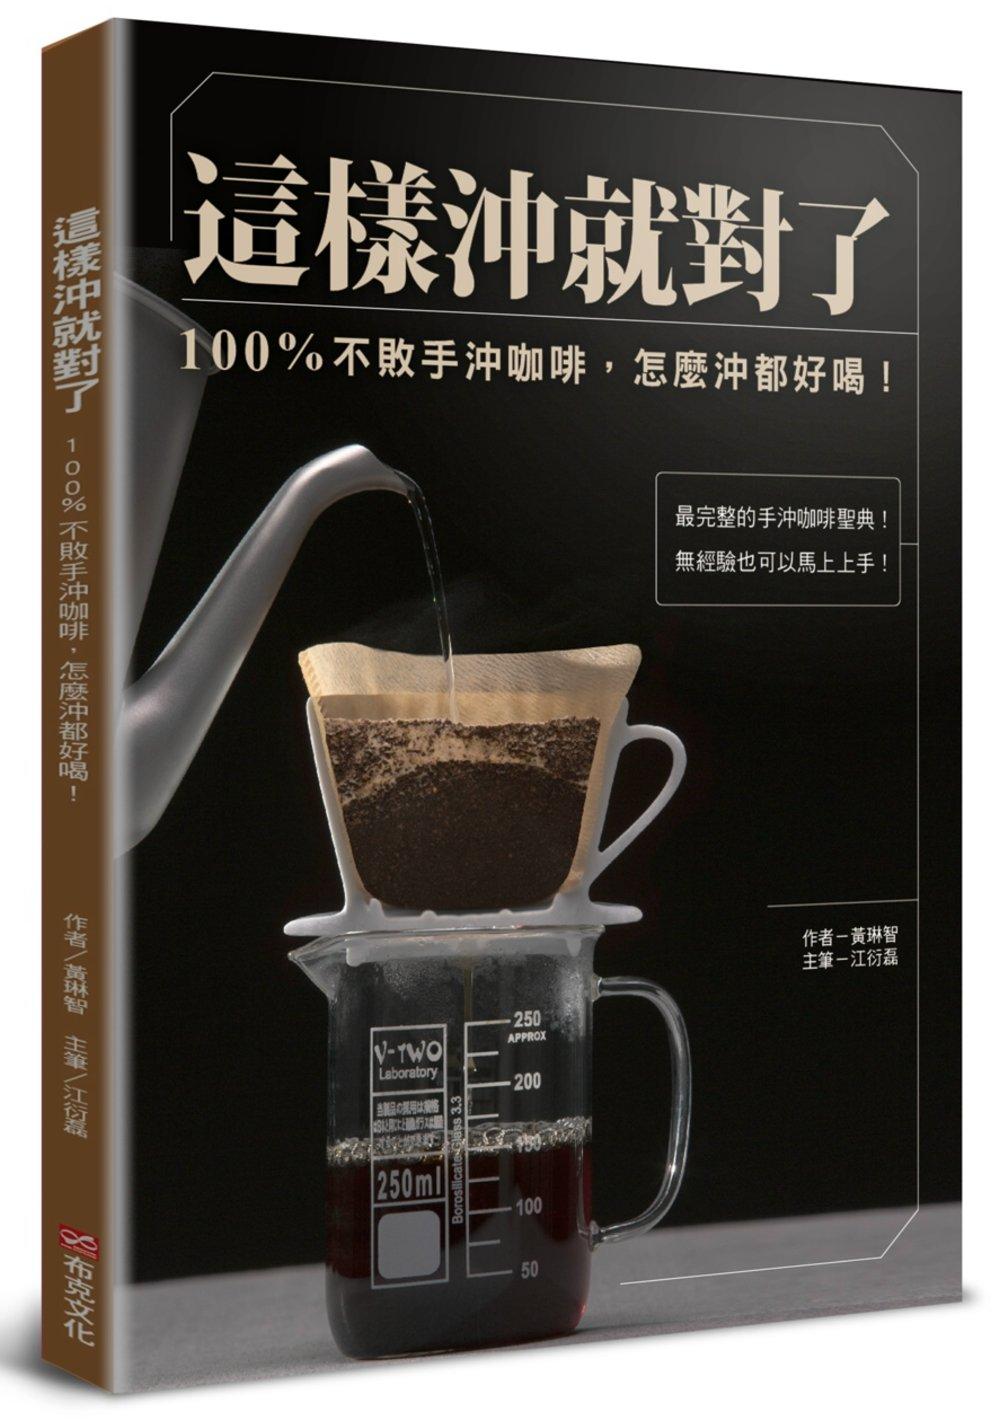 這樣沖就對了:100% 不敗手沖咖啡,怎麼沖都好喝!